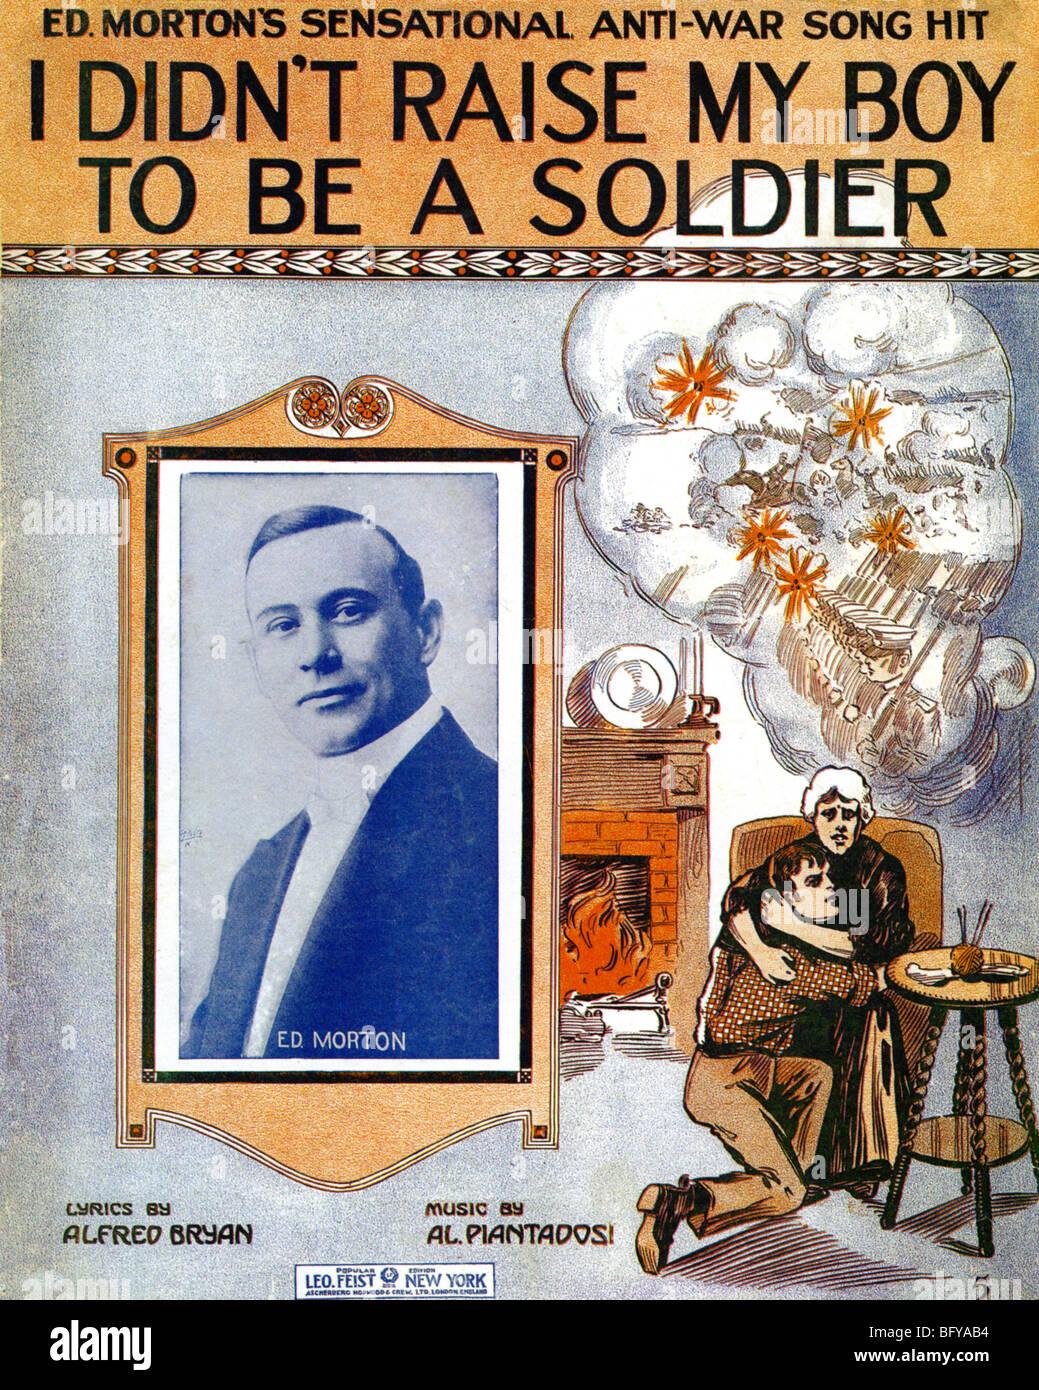 Canzone pacifista 1915 Foglio di musica anti-guerra canzone cantata da American ed Morton Immagini Stock